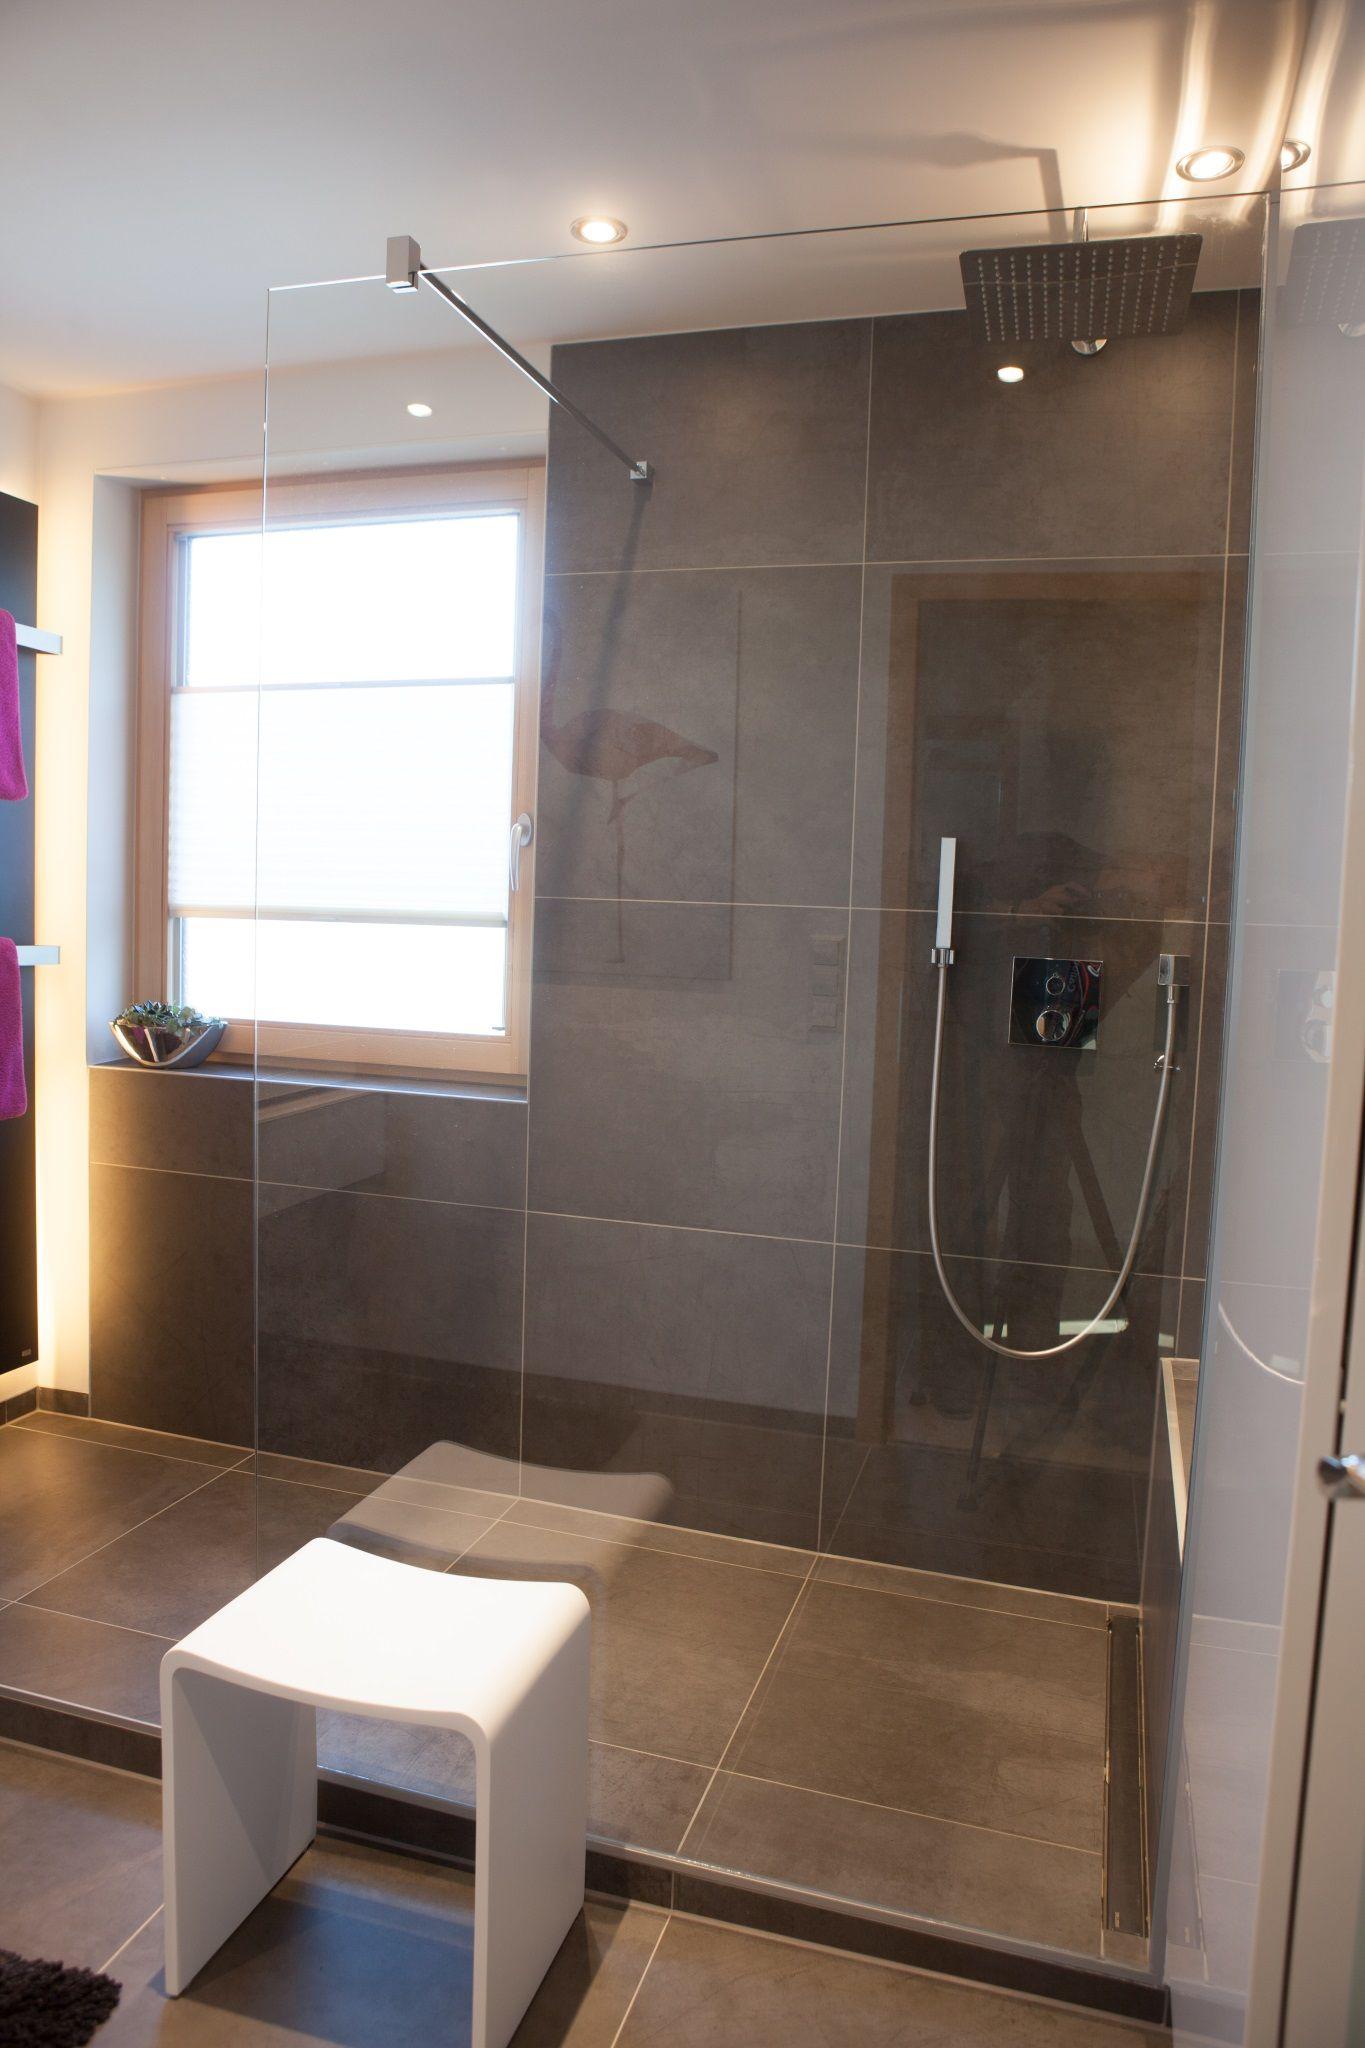 Walk In Duschen In Top Design 15 Beispiele Die Beeindrucken Mit Bildern Walk In Dusche Begehbare Dusche Dusche Fenster